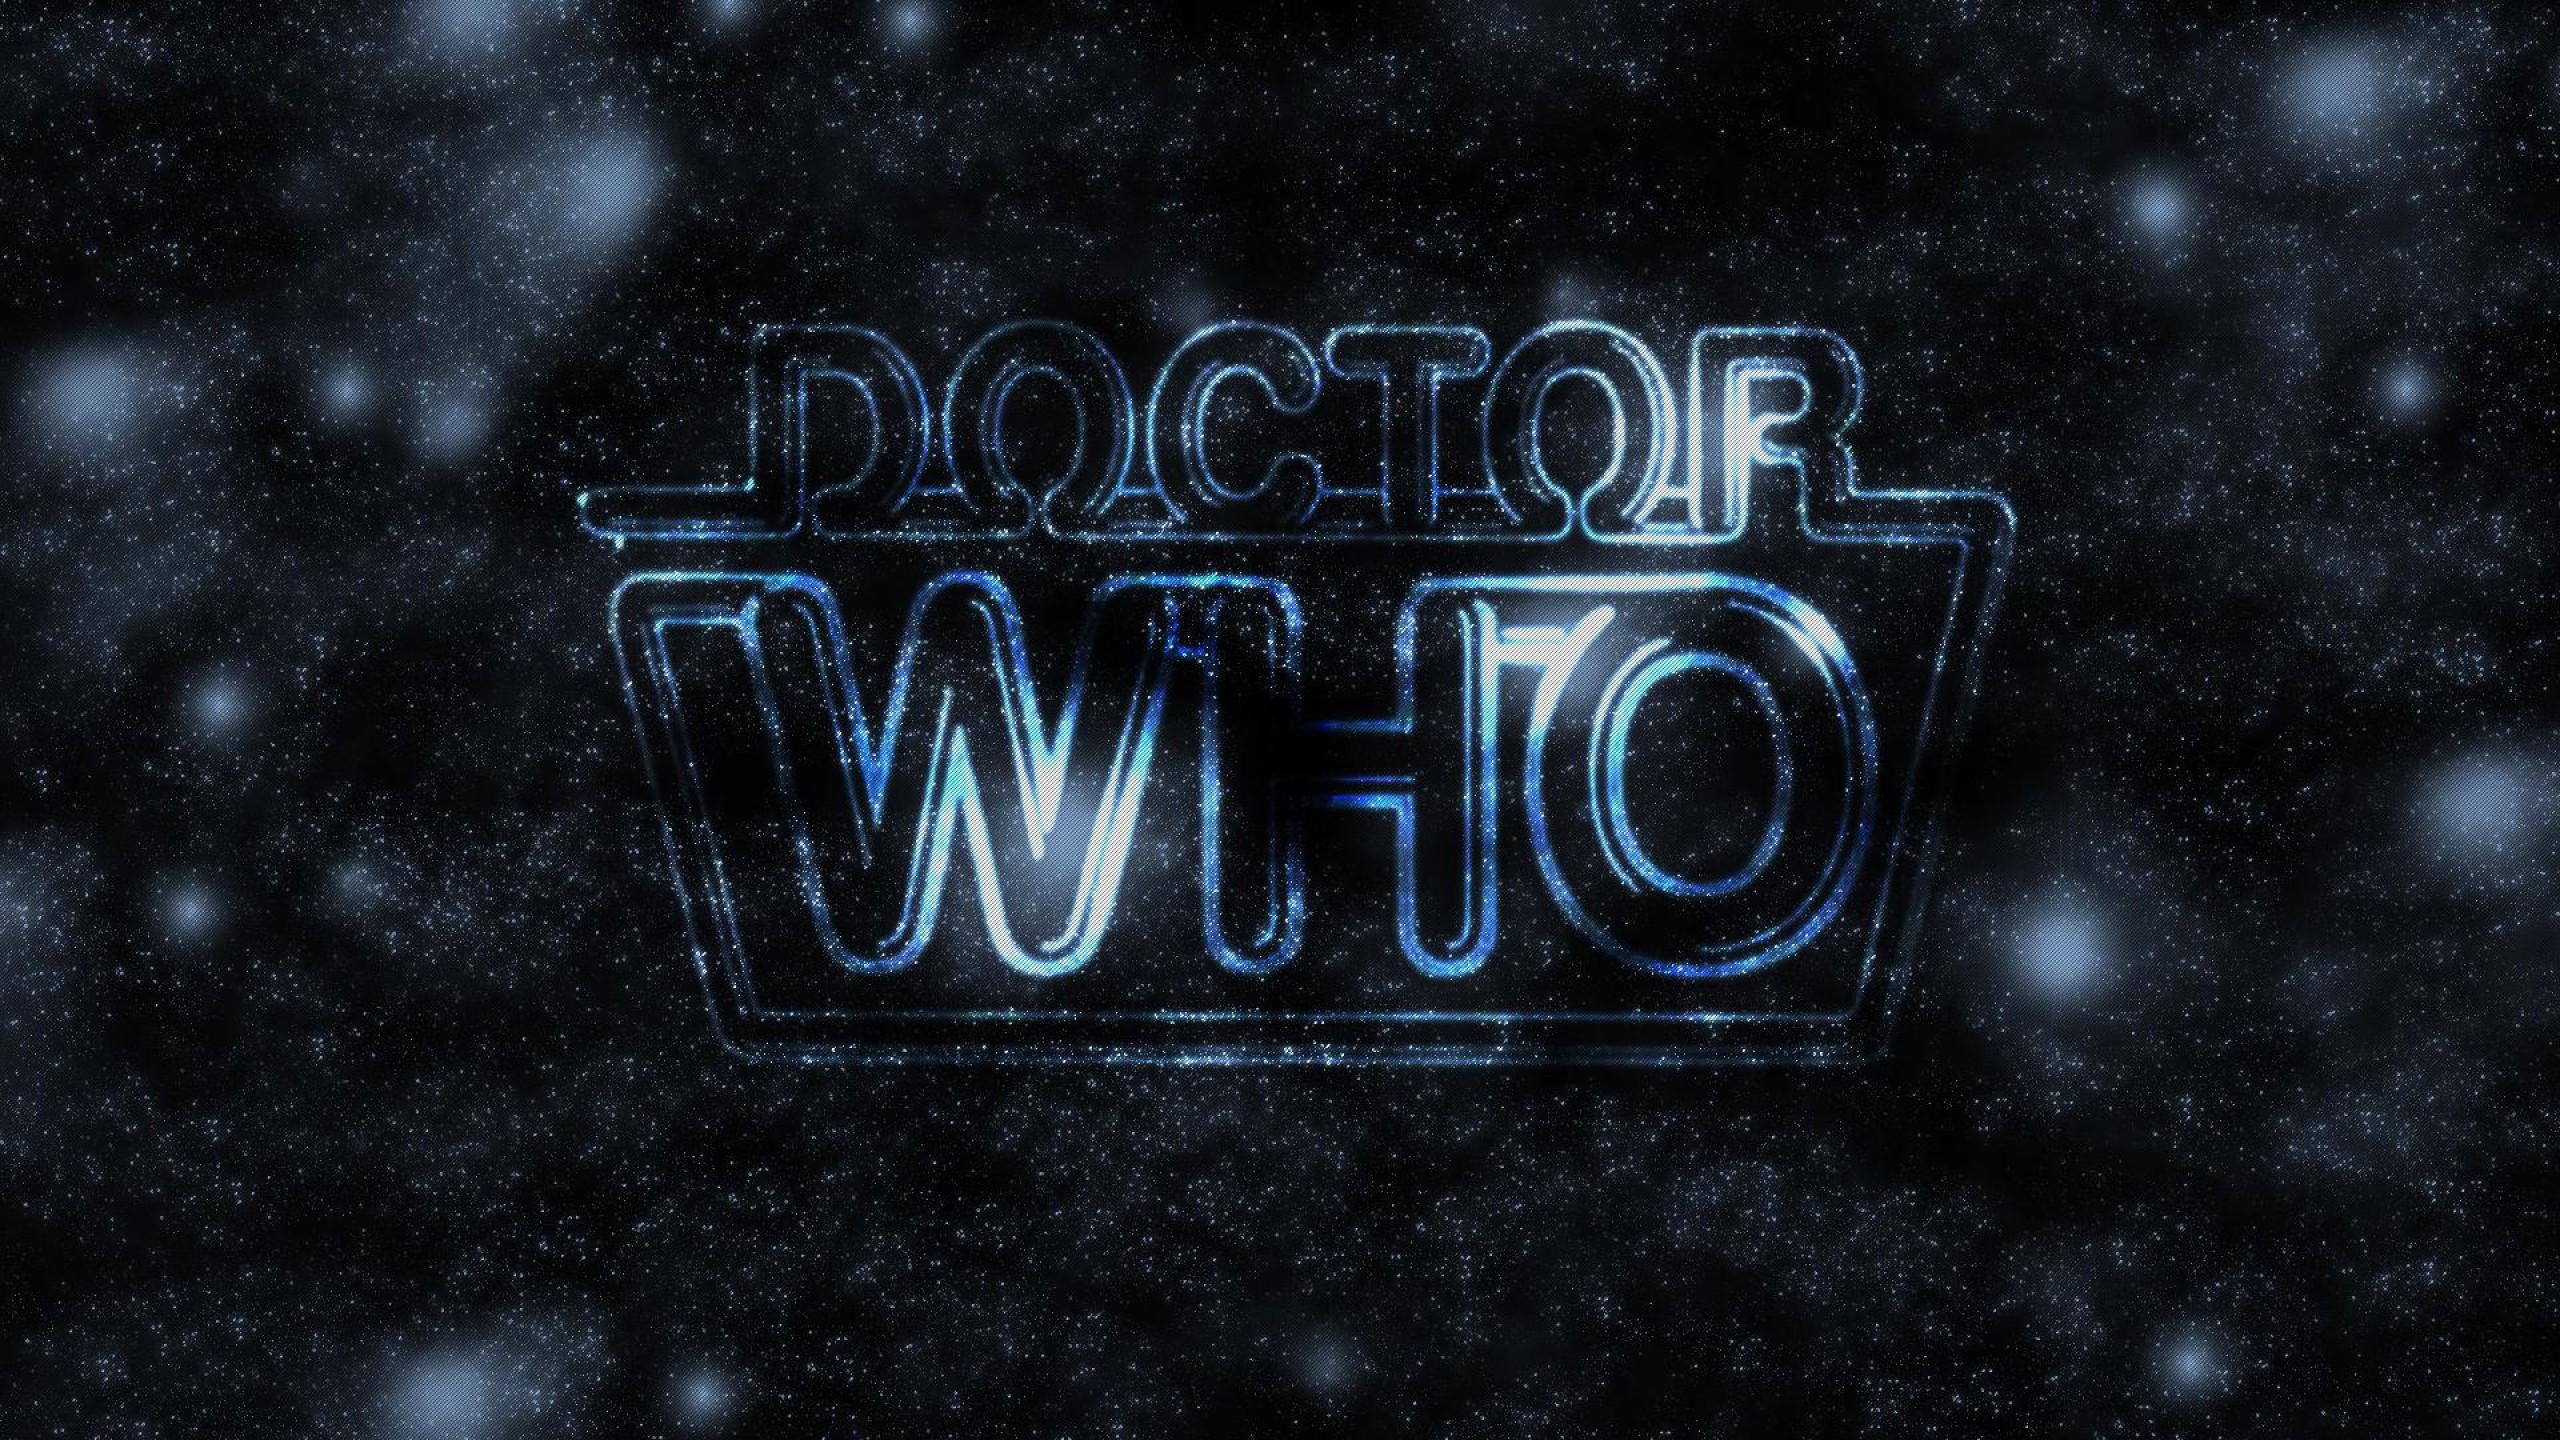 Doctor Who Downloads Desktop Wallpapers